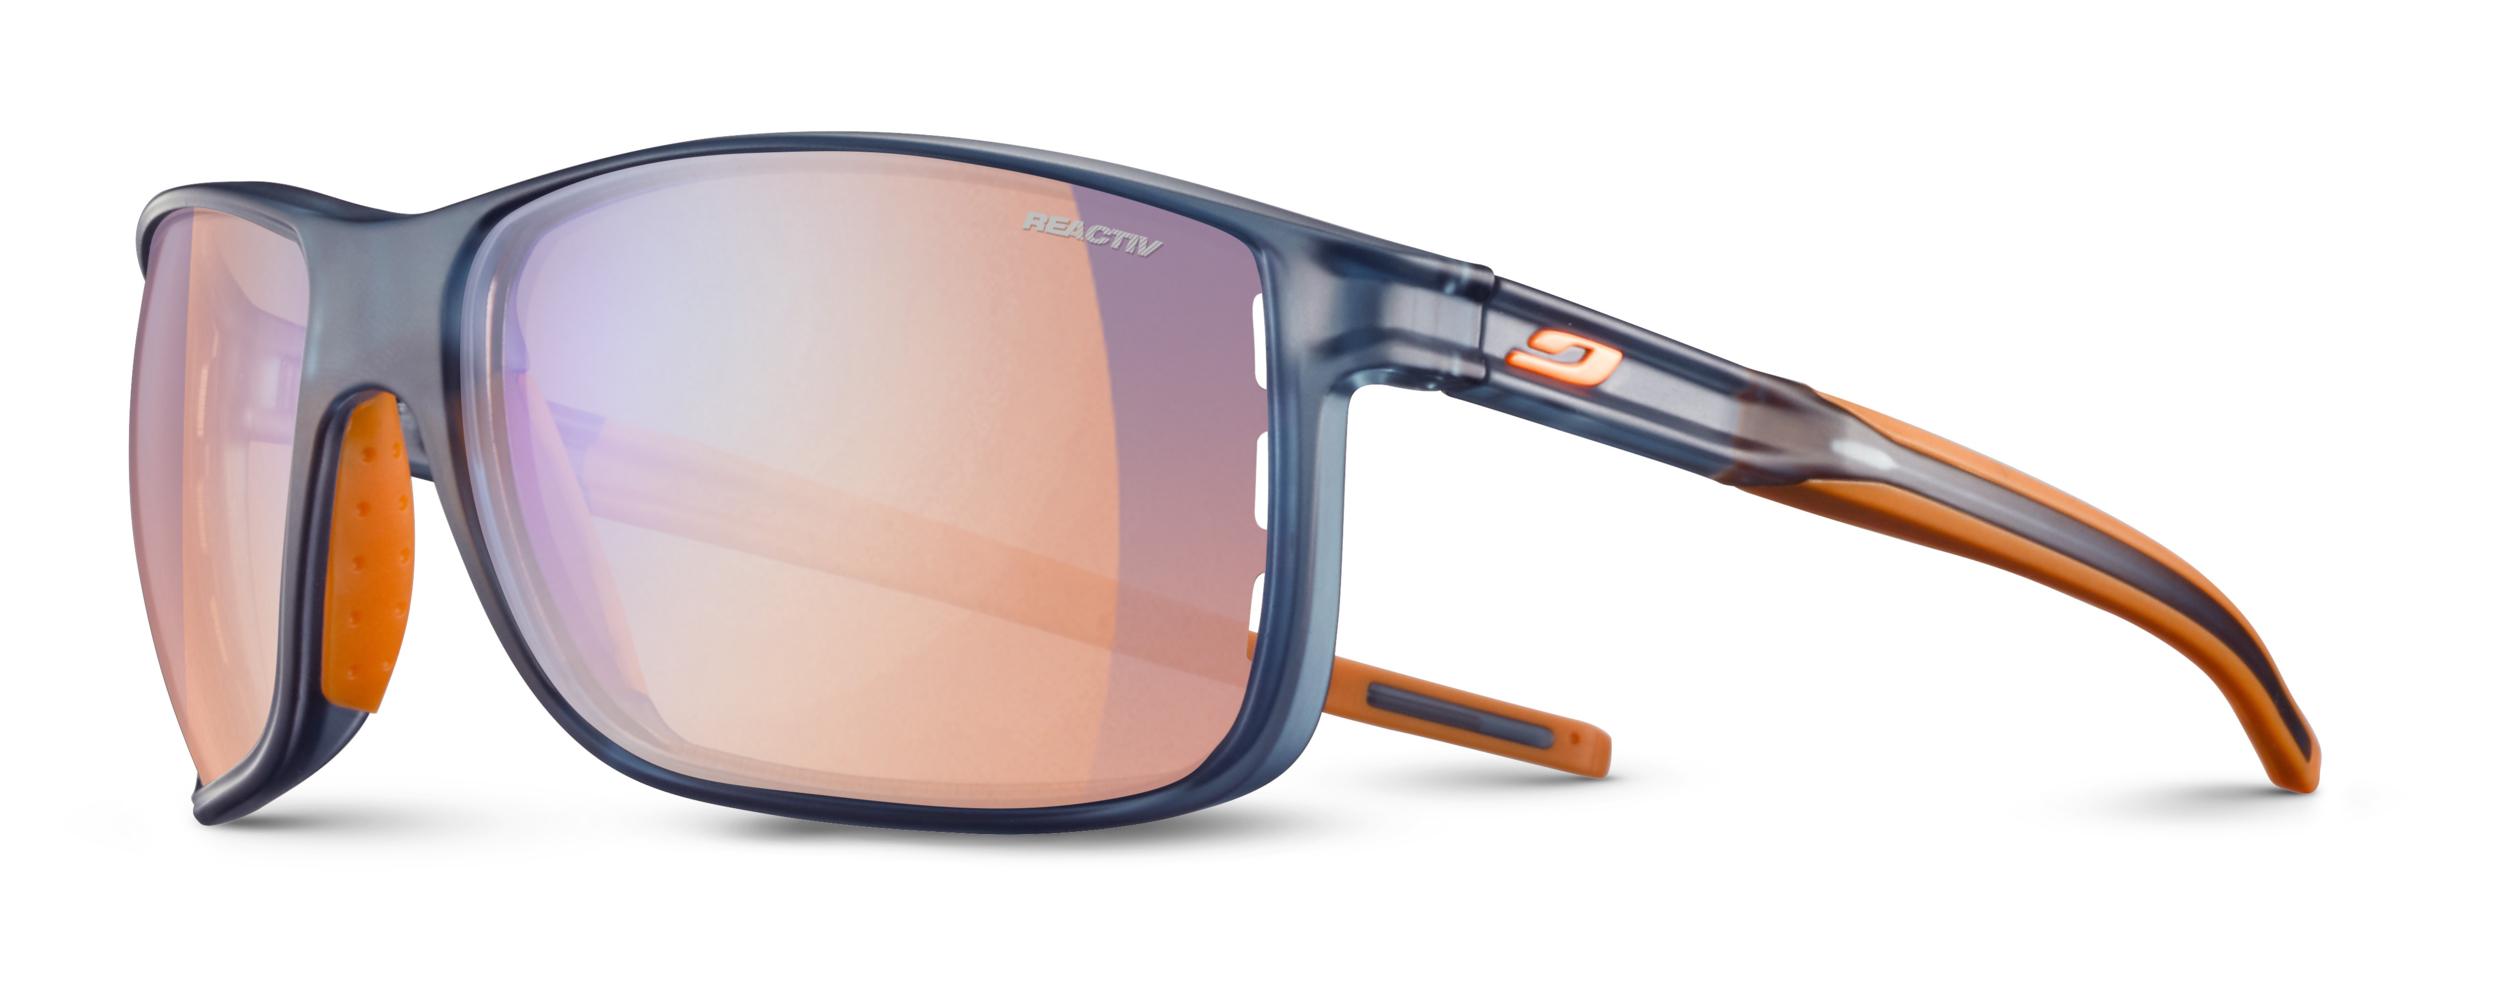 93e8a4025f Julbo - Modèles TOP 10 - J519 - Outline - hyper-lunettes-sport